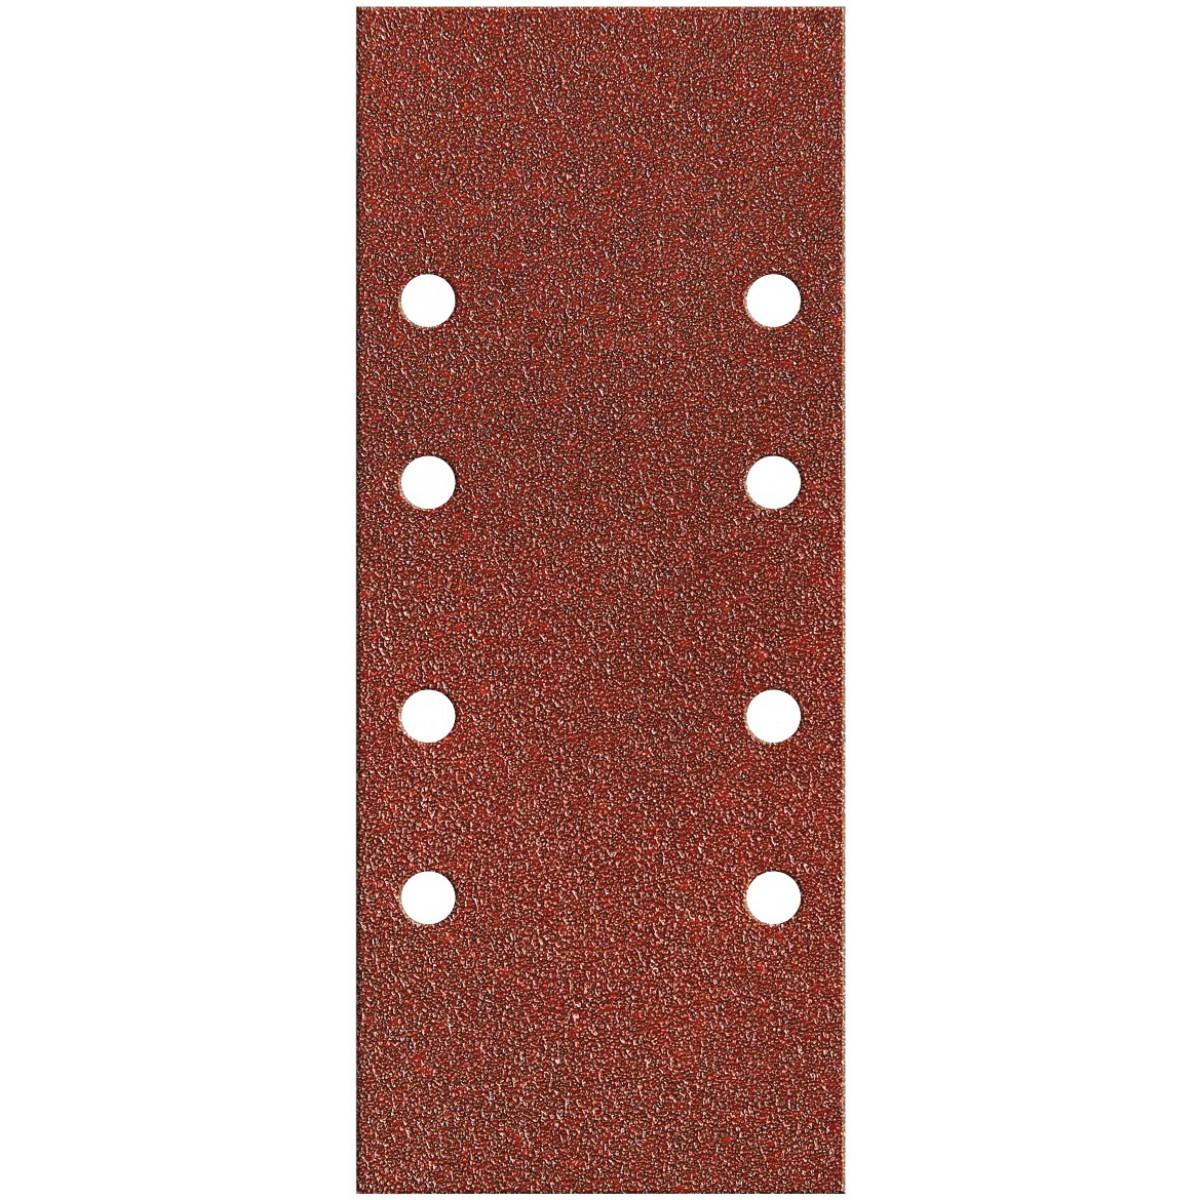 Patin fixation avec pince SCID - 8 trous parallèles - Grain 80 - Dimensions 93 x 230 mm - Vendu par 8